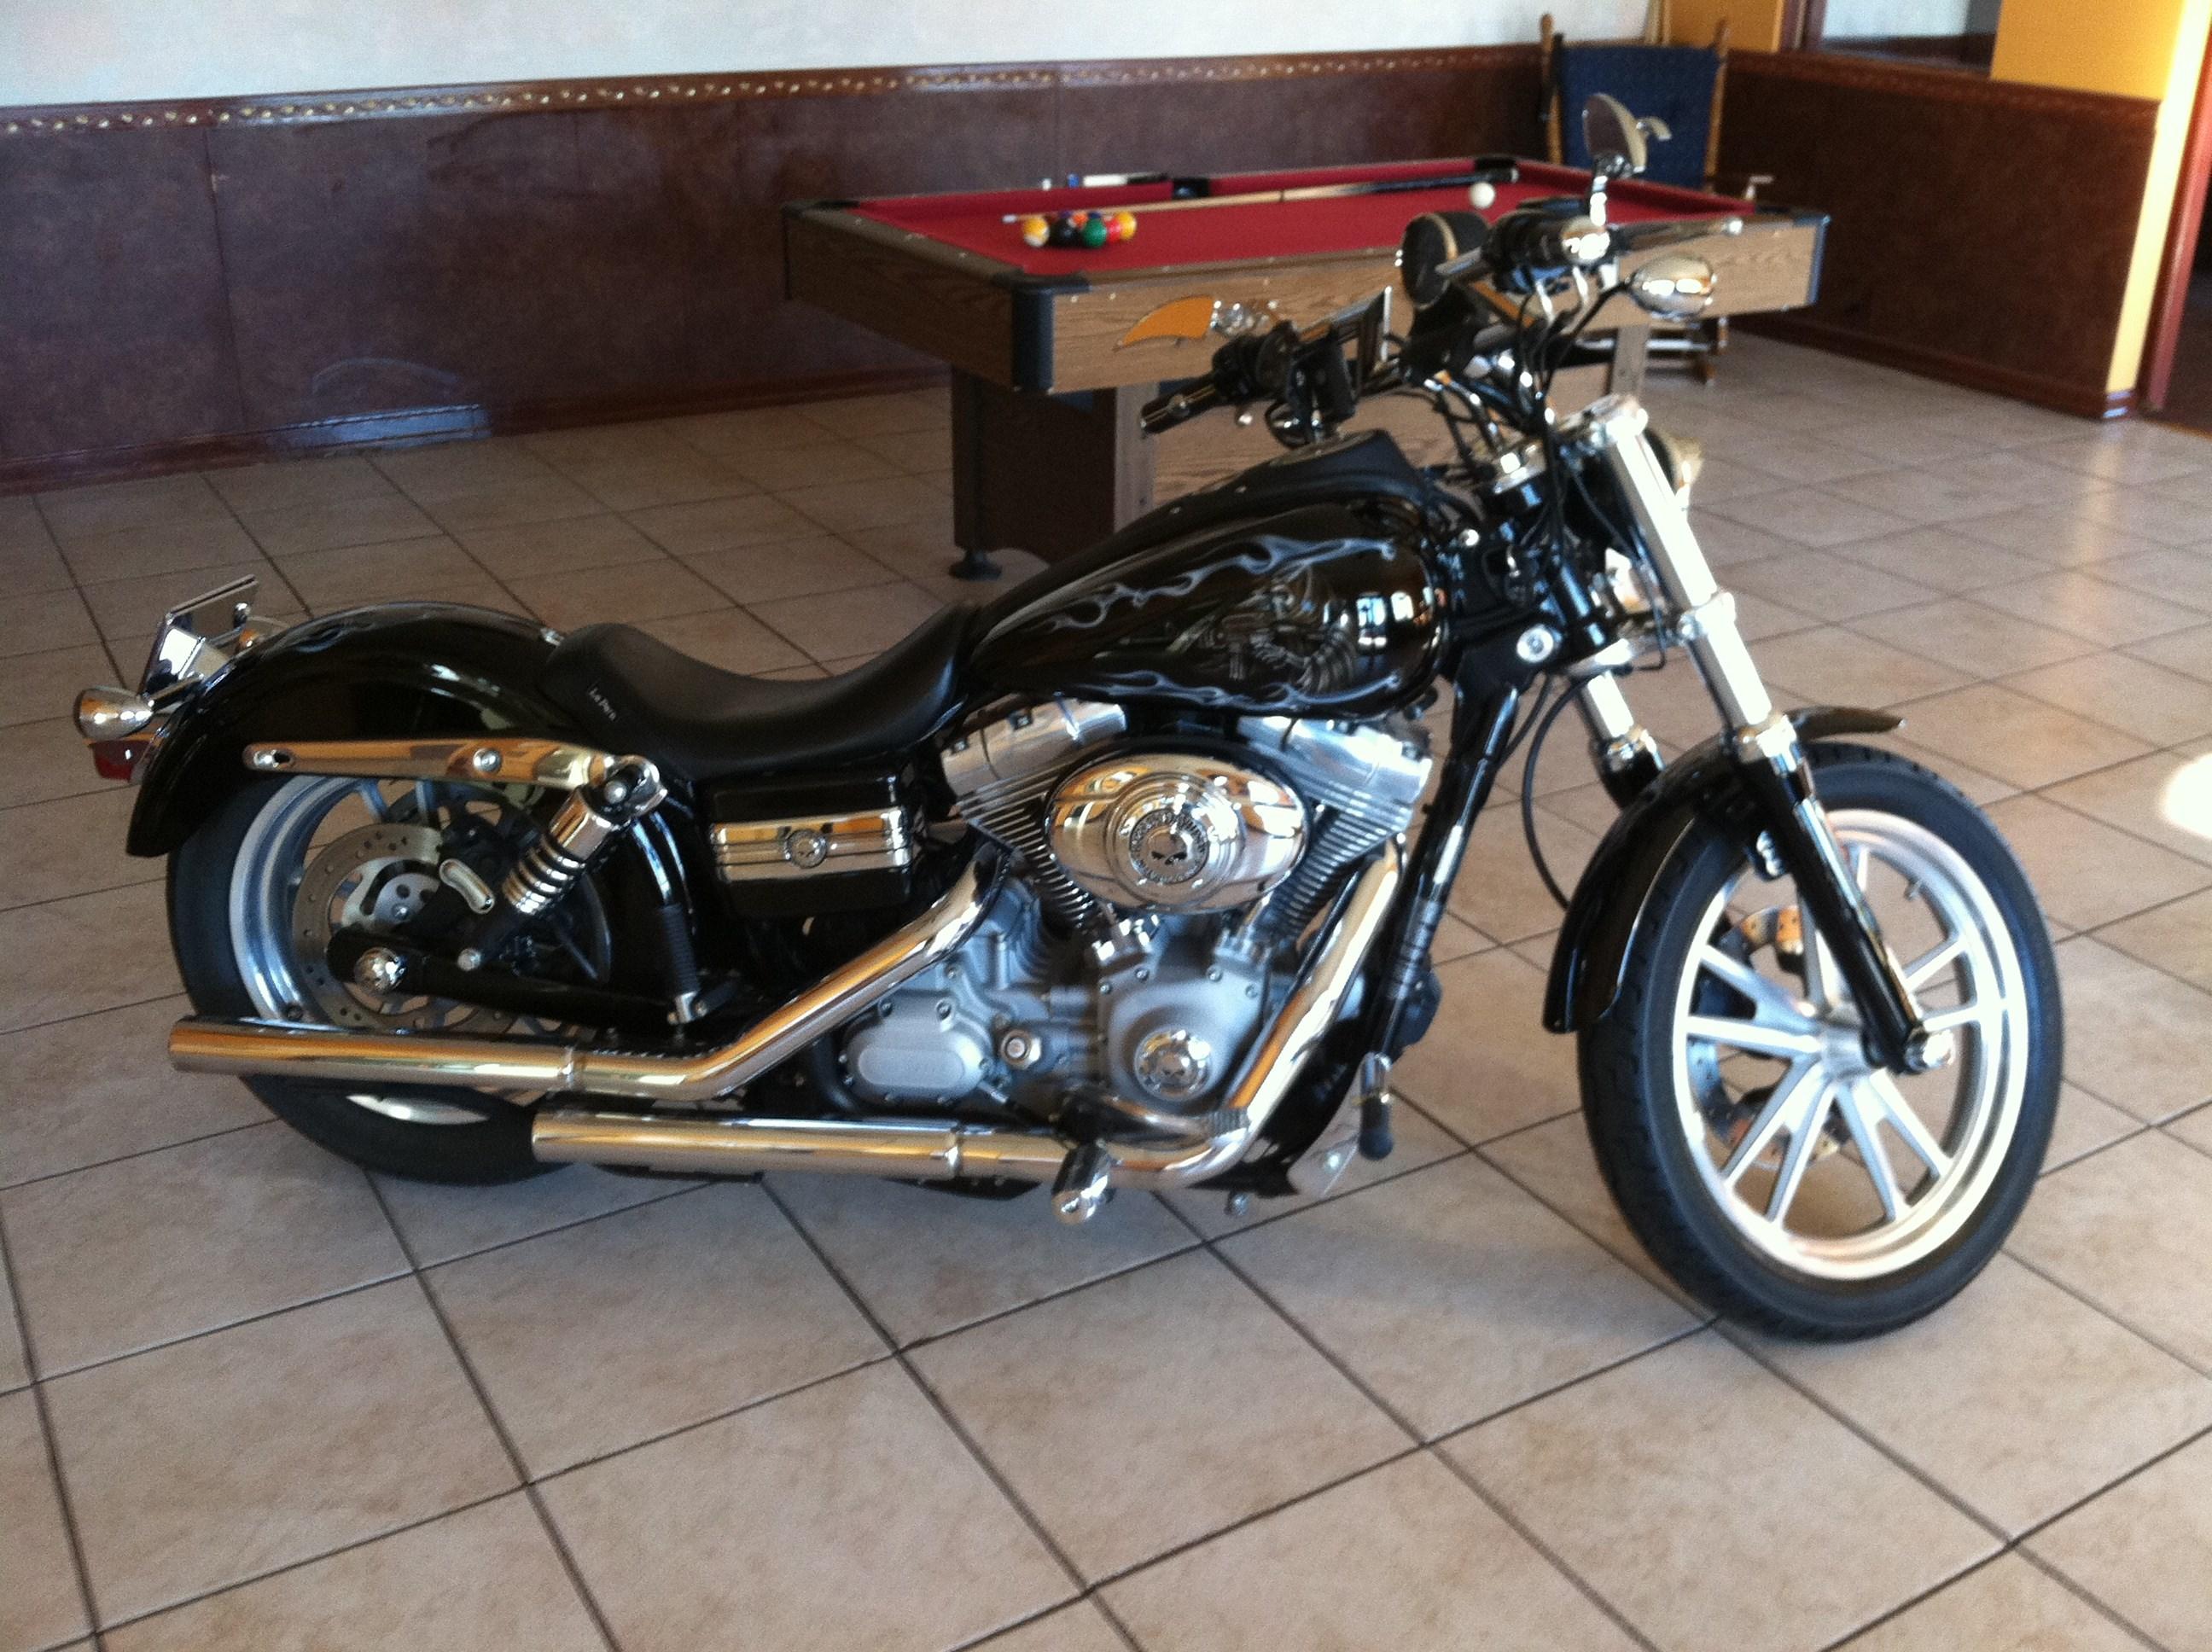 2007 Harley-Davidson® FXD Dyna® Super Glide® (Black ...